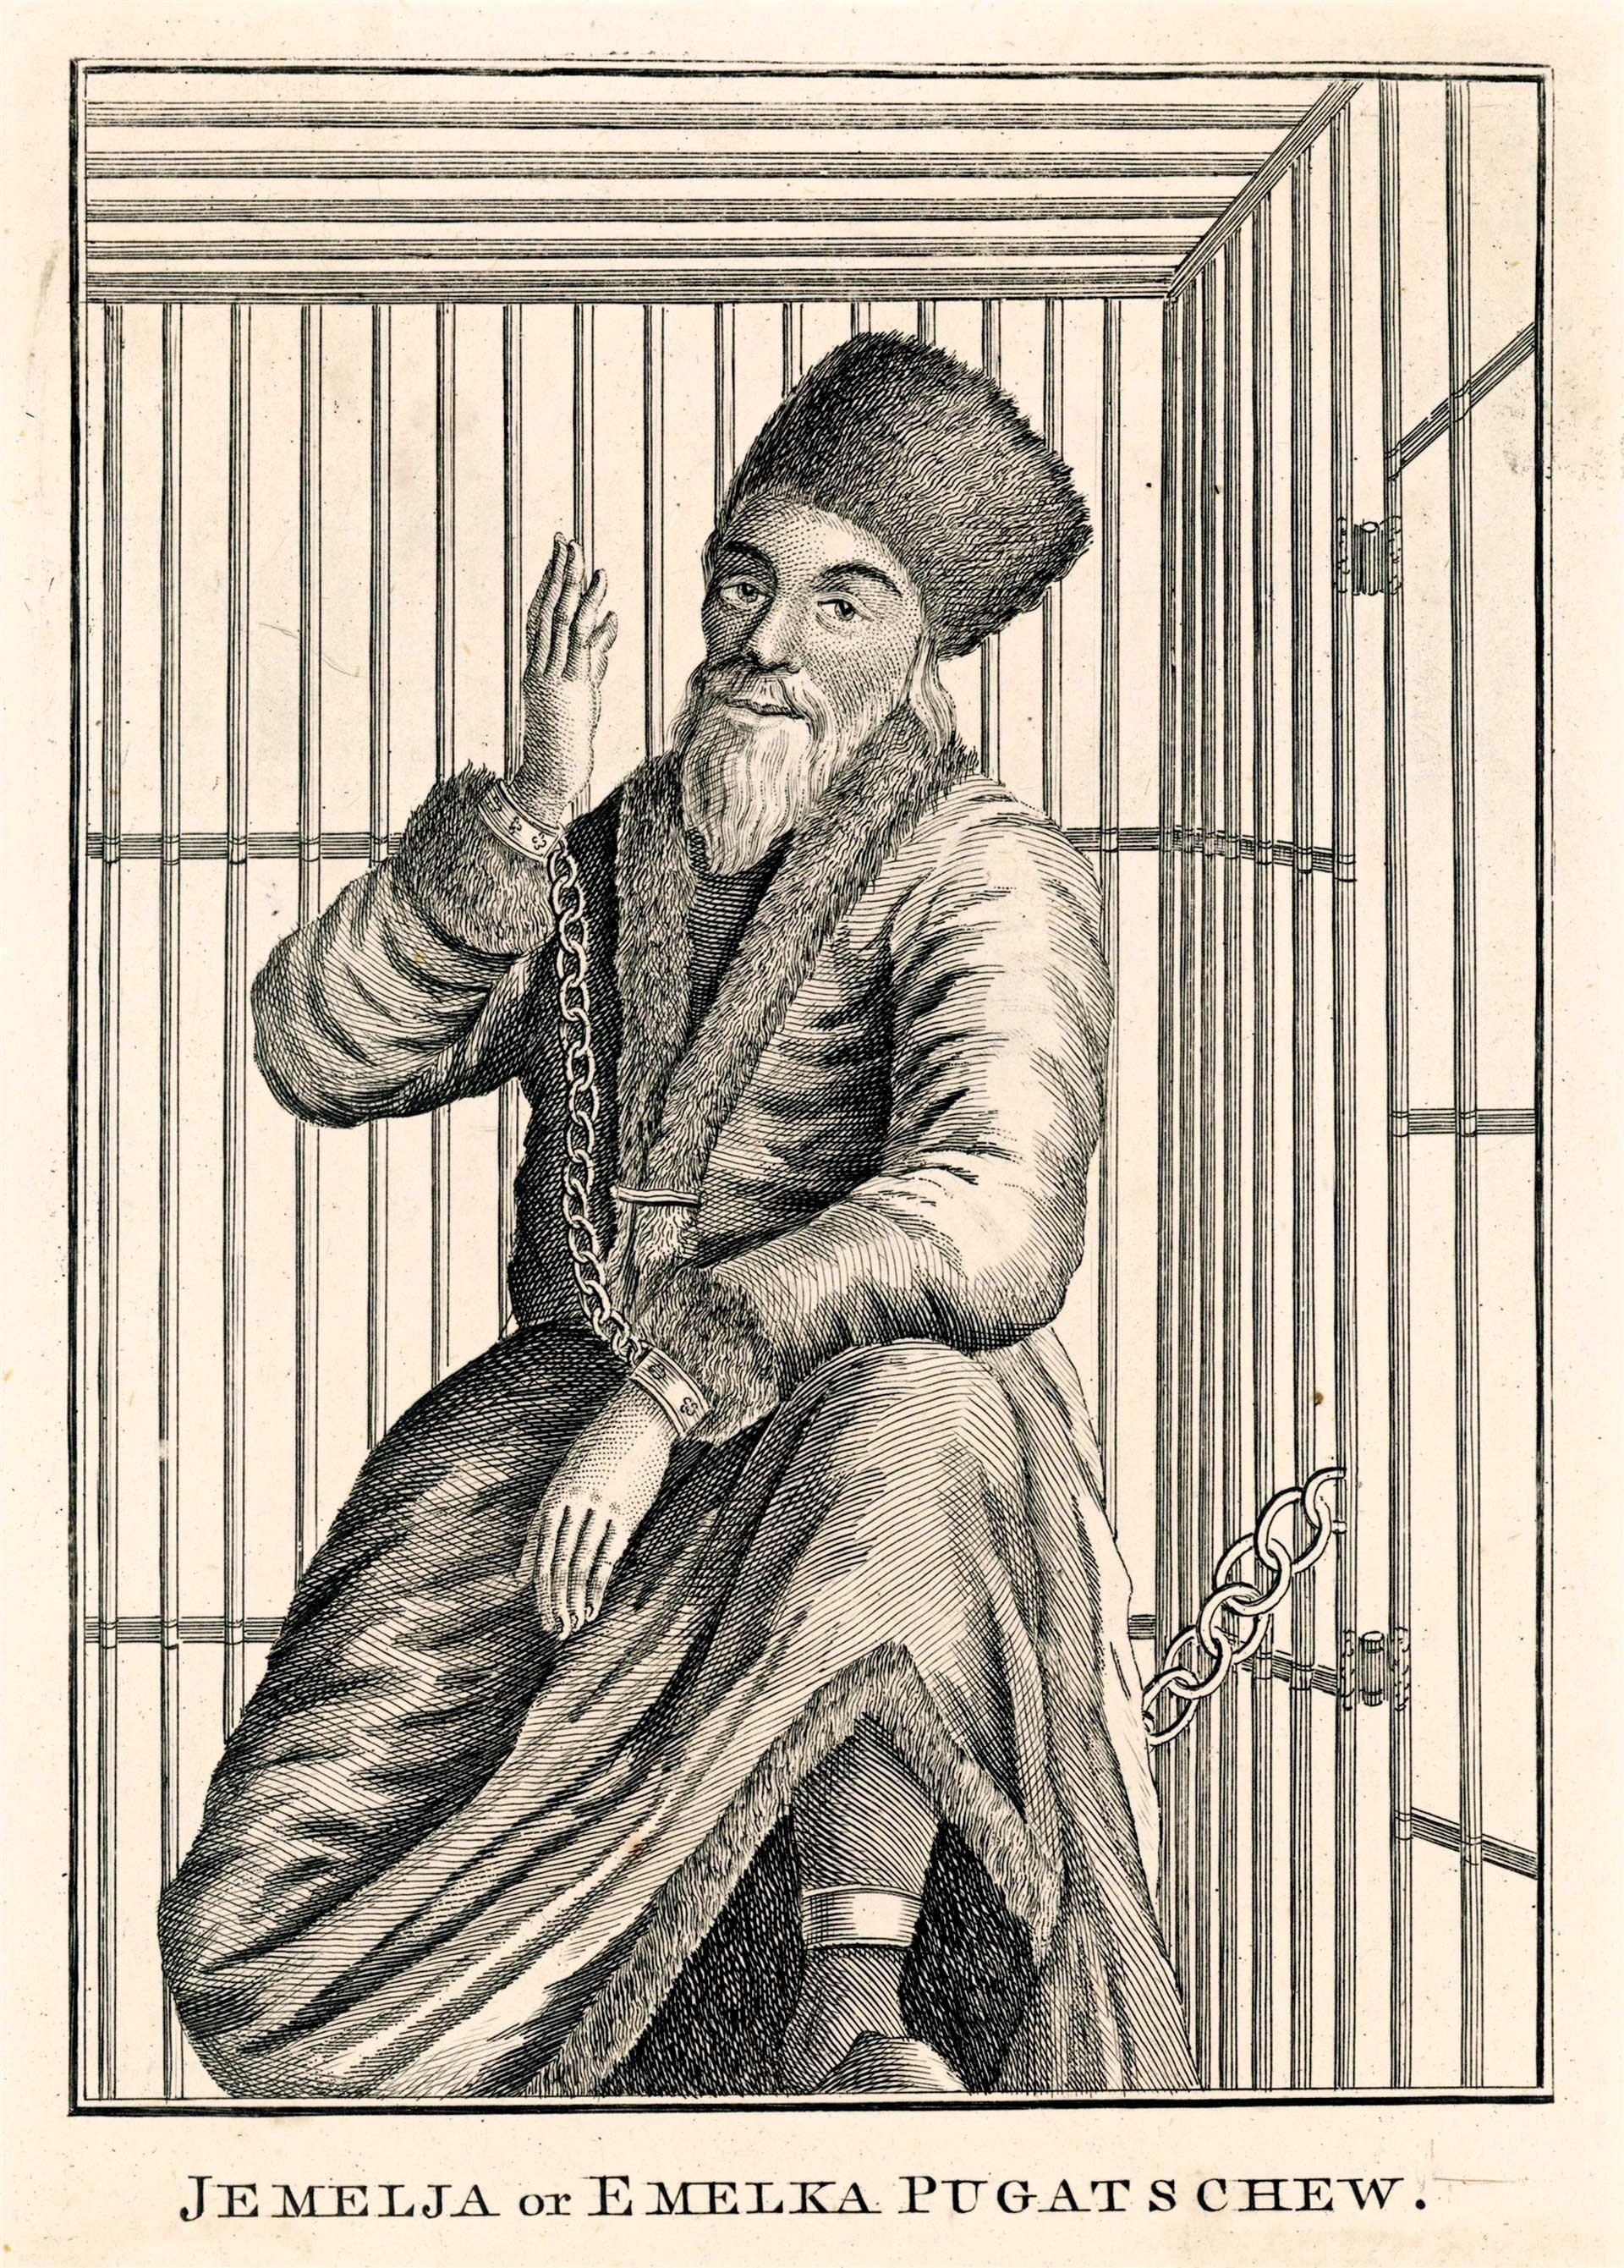 Yemelián Pugachov.